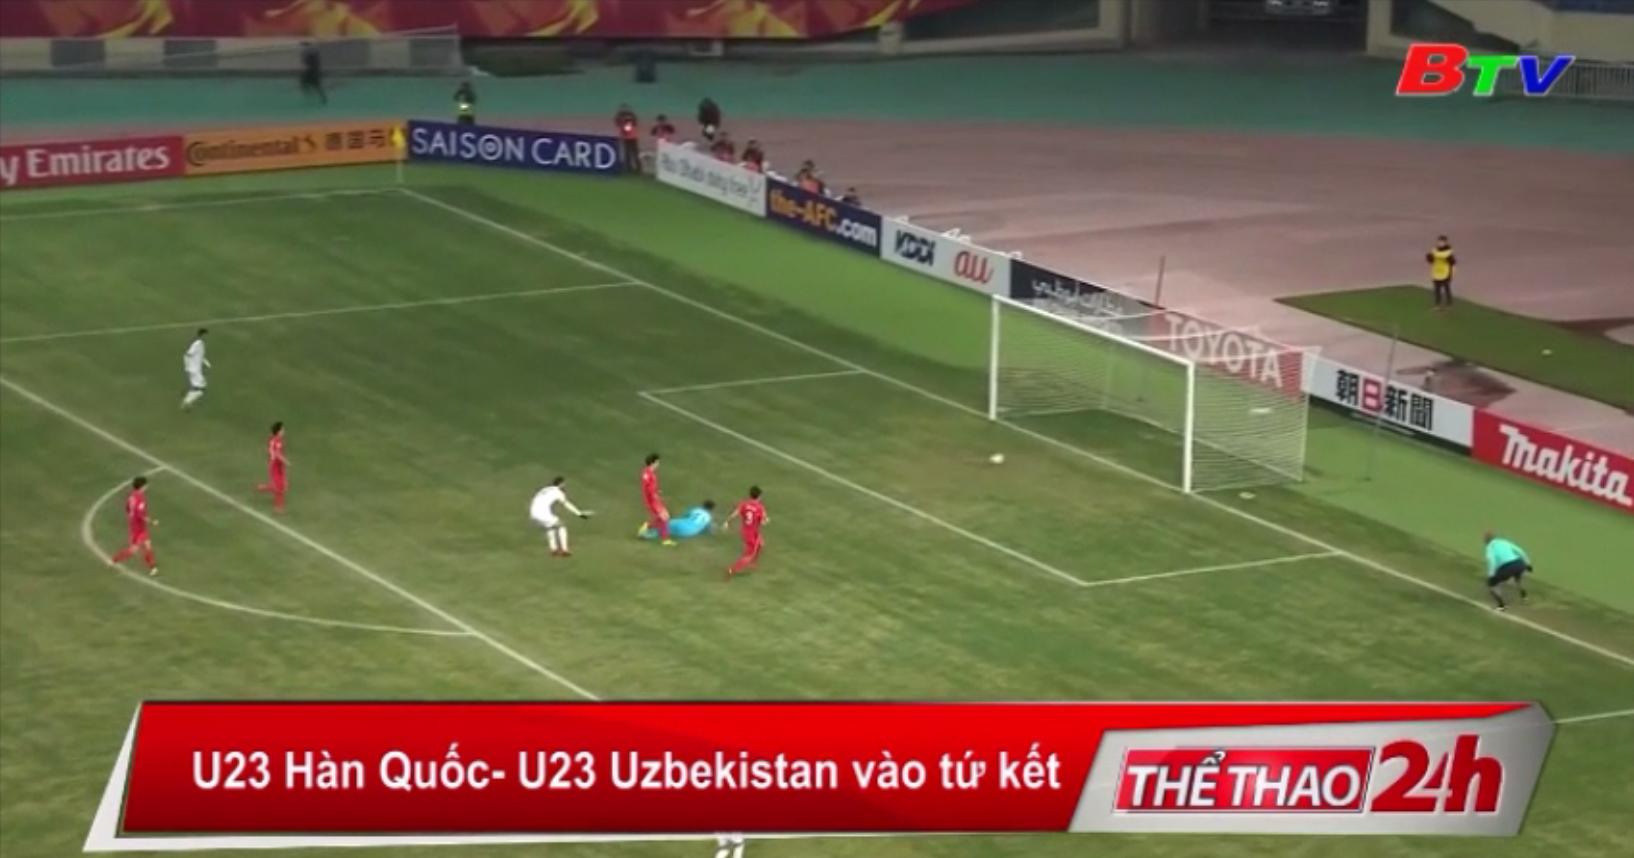 U23 Hàn Quốc - U23 Uzbekistan vào tứ kết